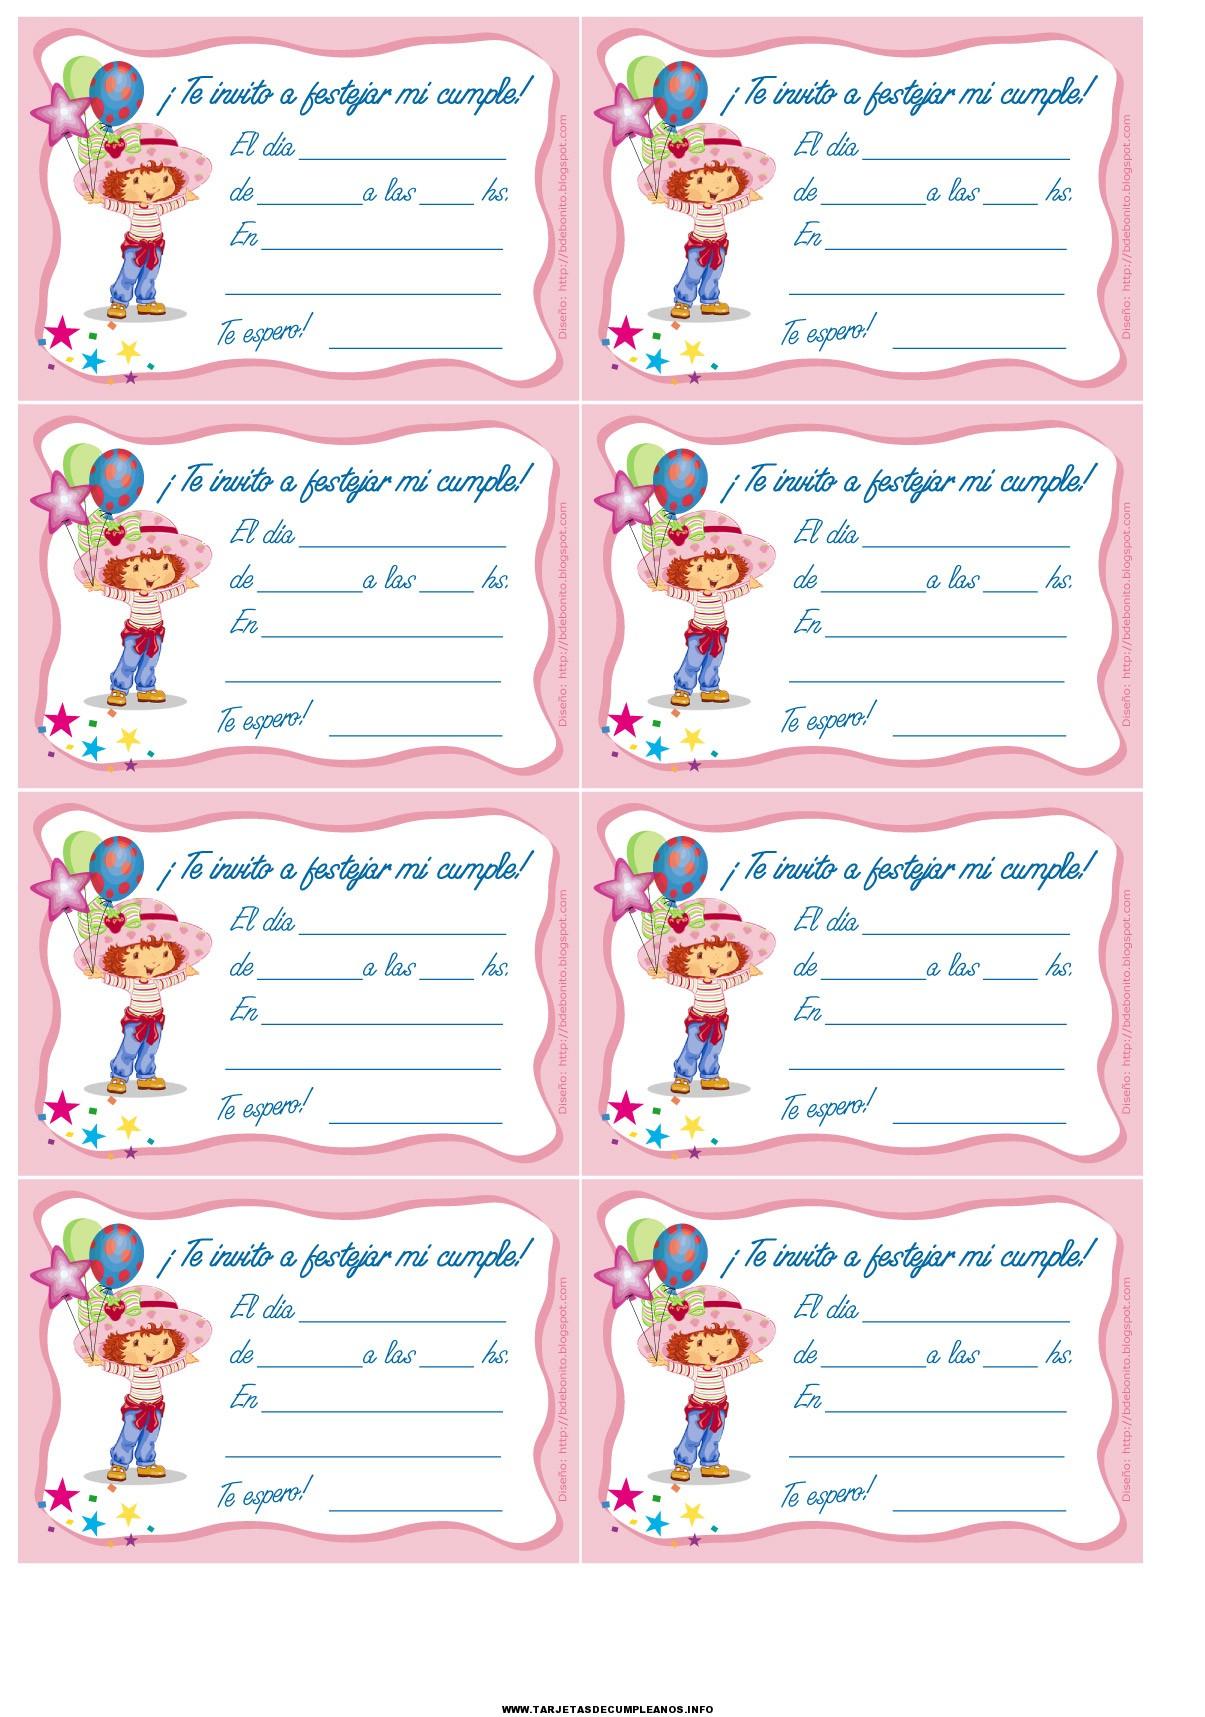 tarjetas de invitacion a cumpleaños para imprimir